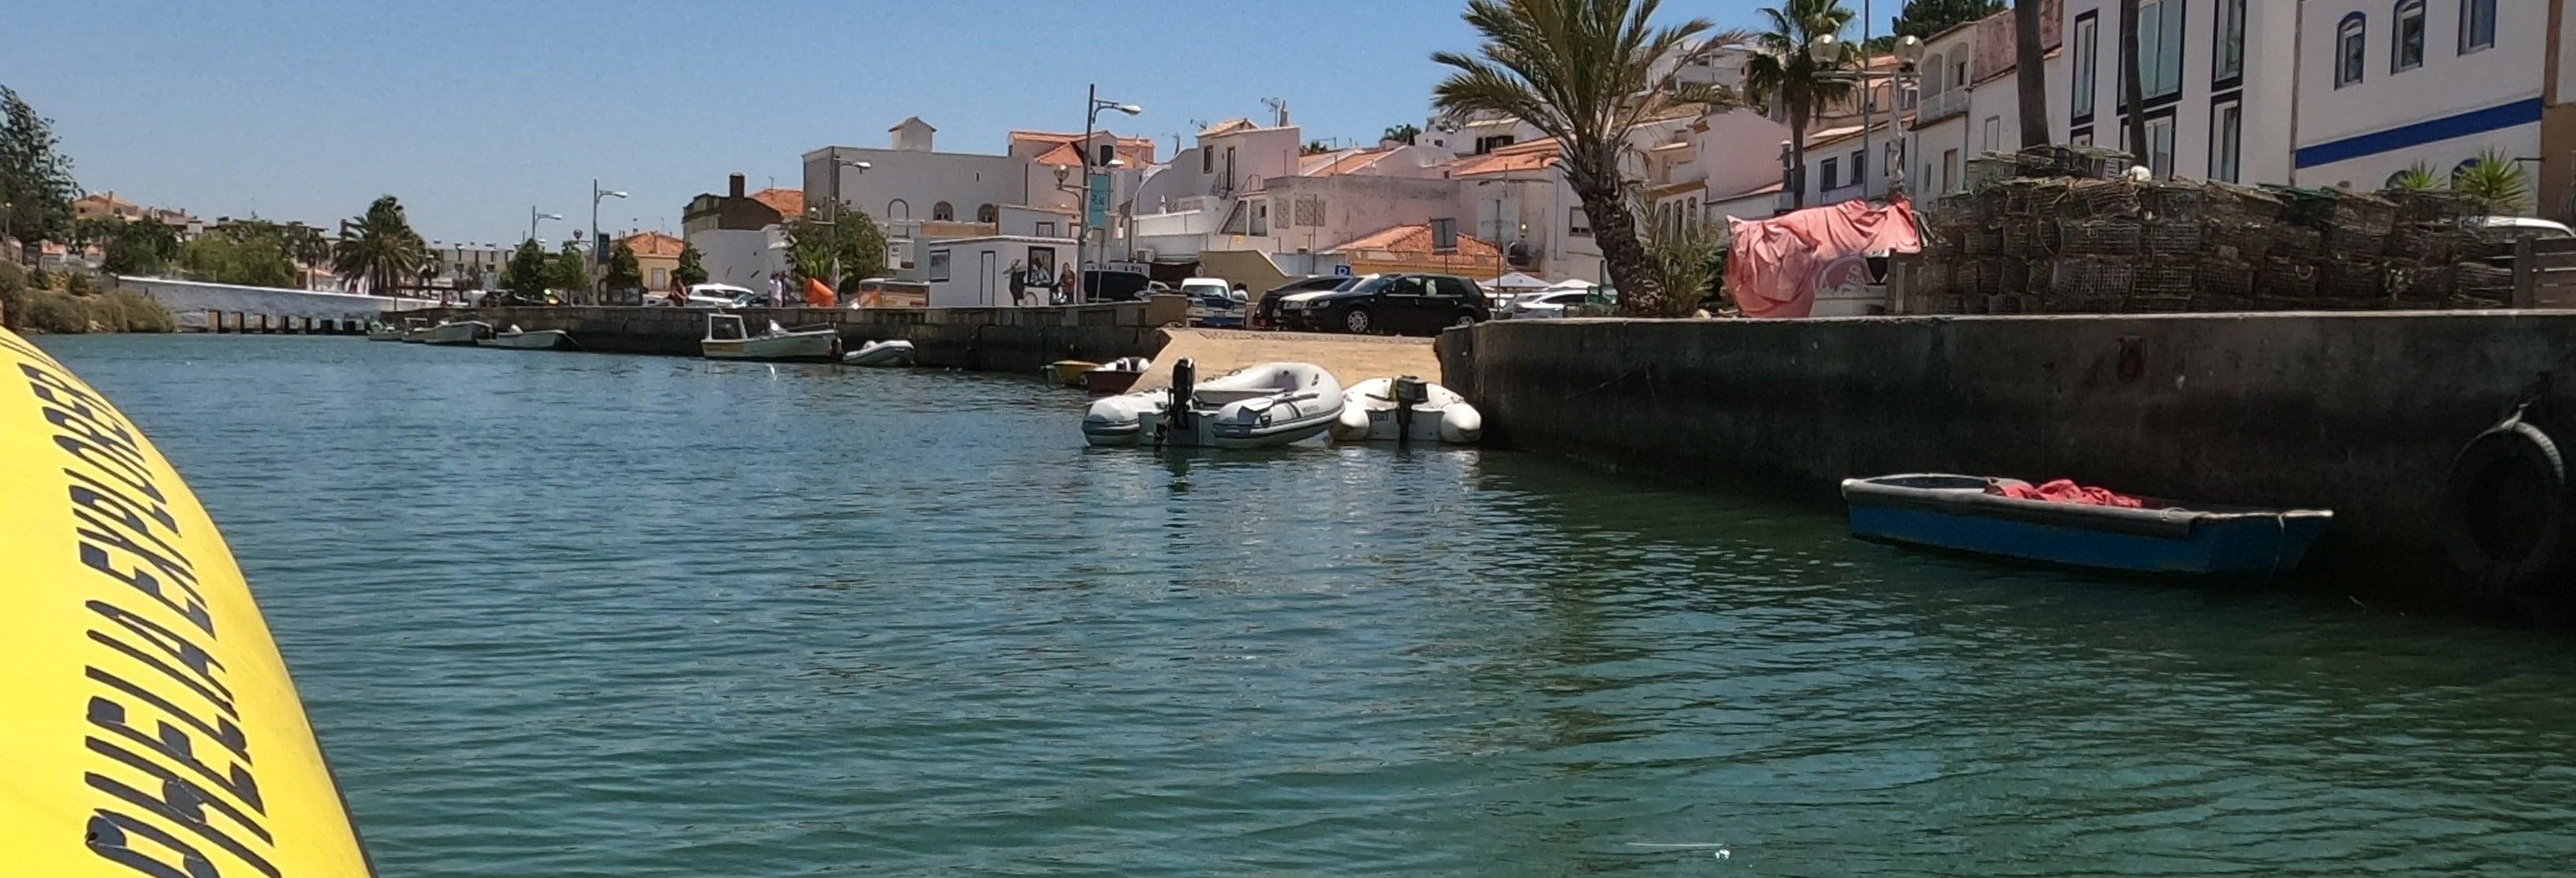 Tour de 4x4 + Passeio de barco pelo rio Arade